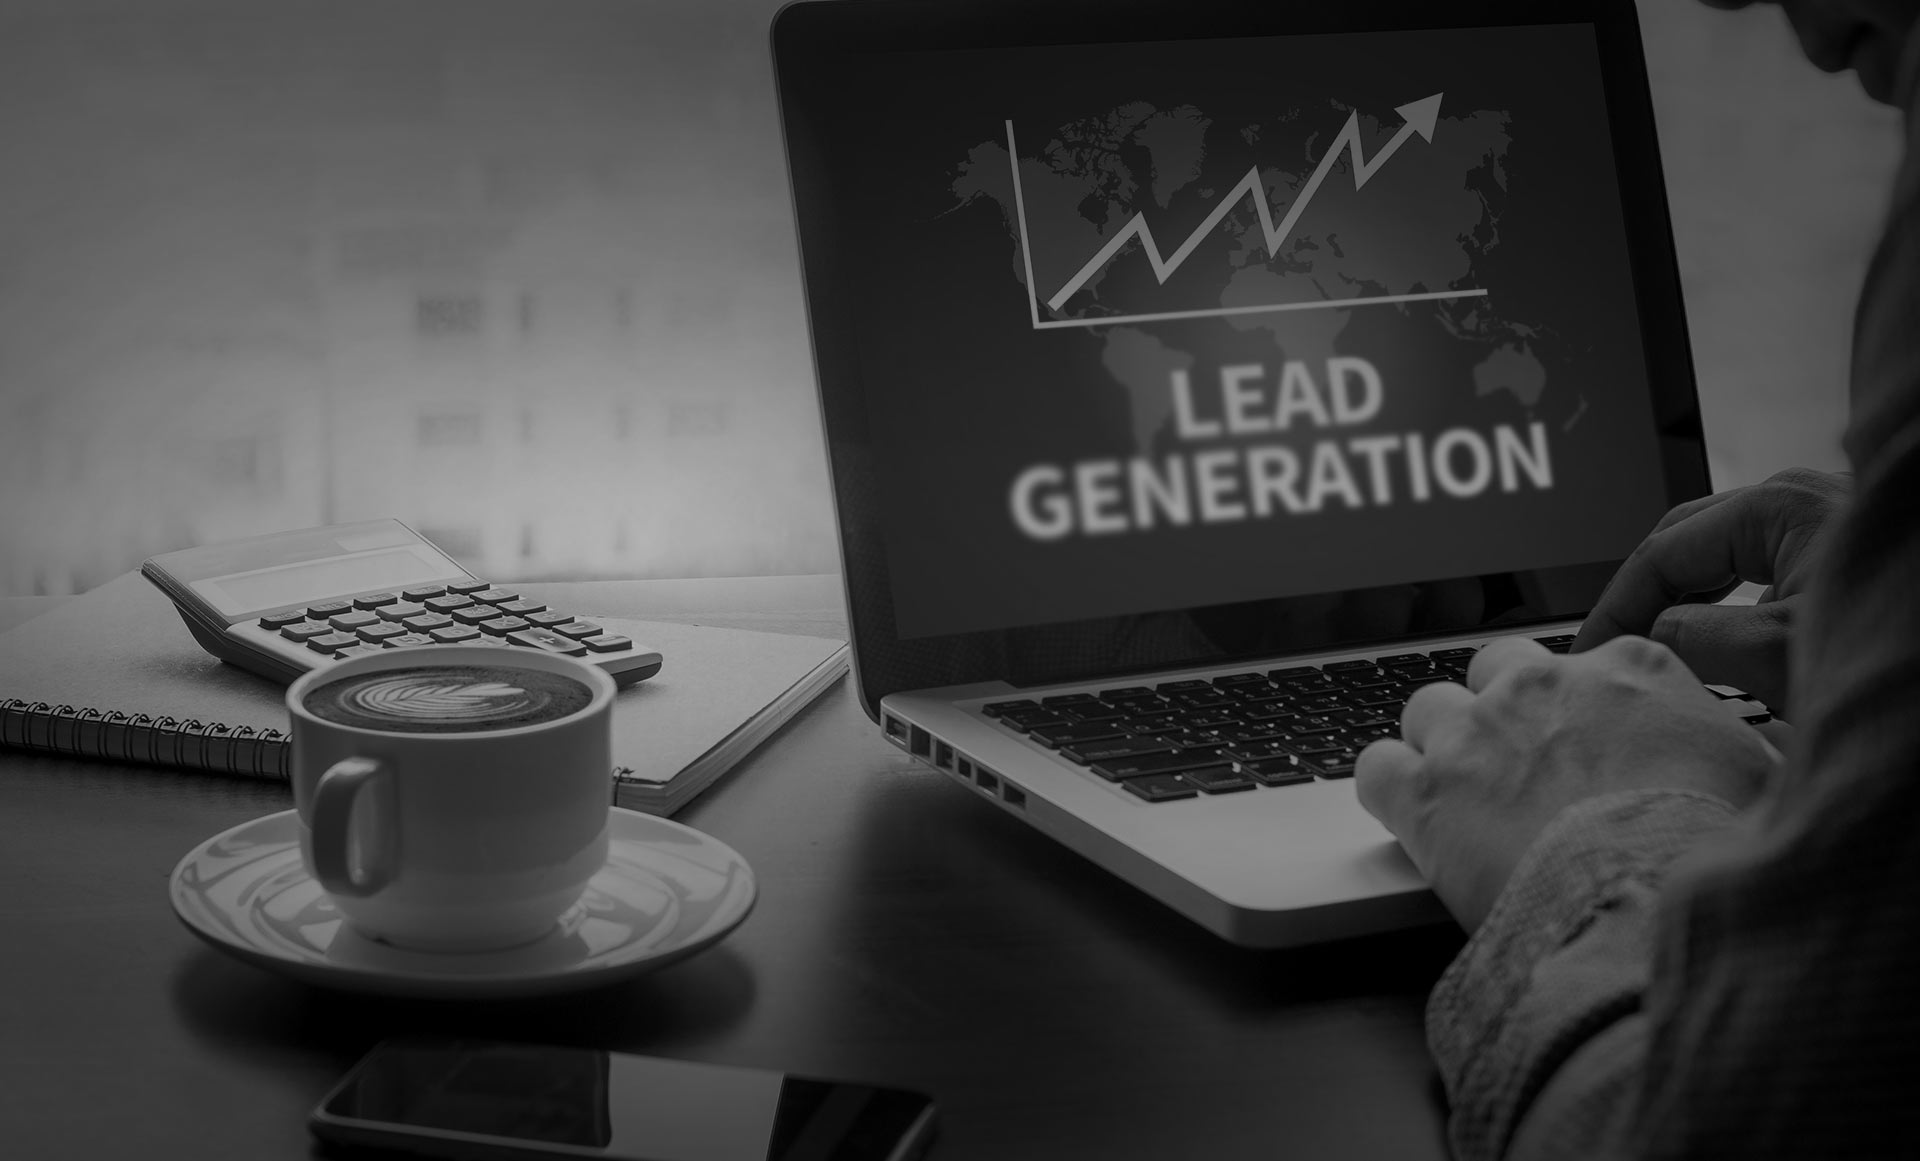 Nexa-Lead-Generation-2017.jpg